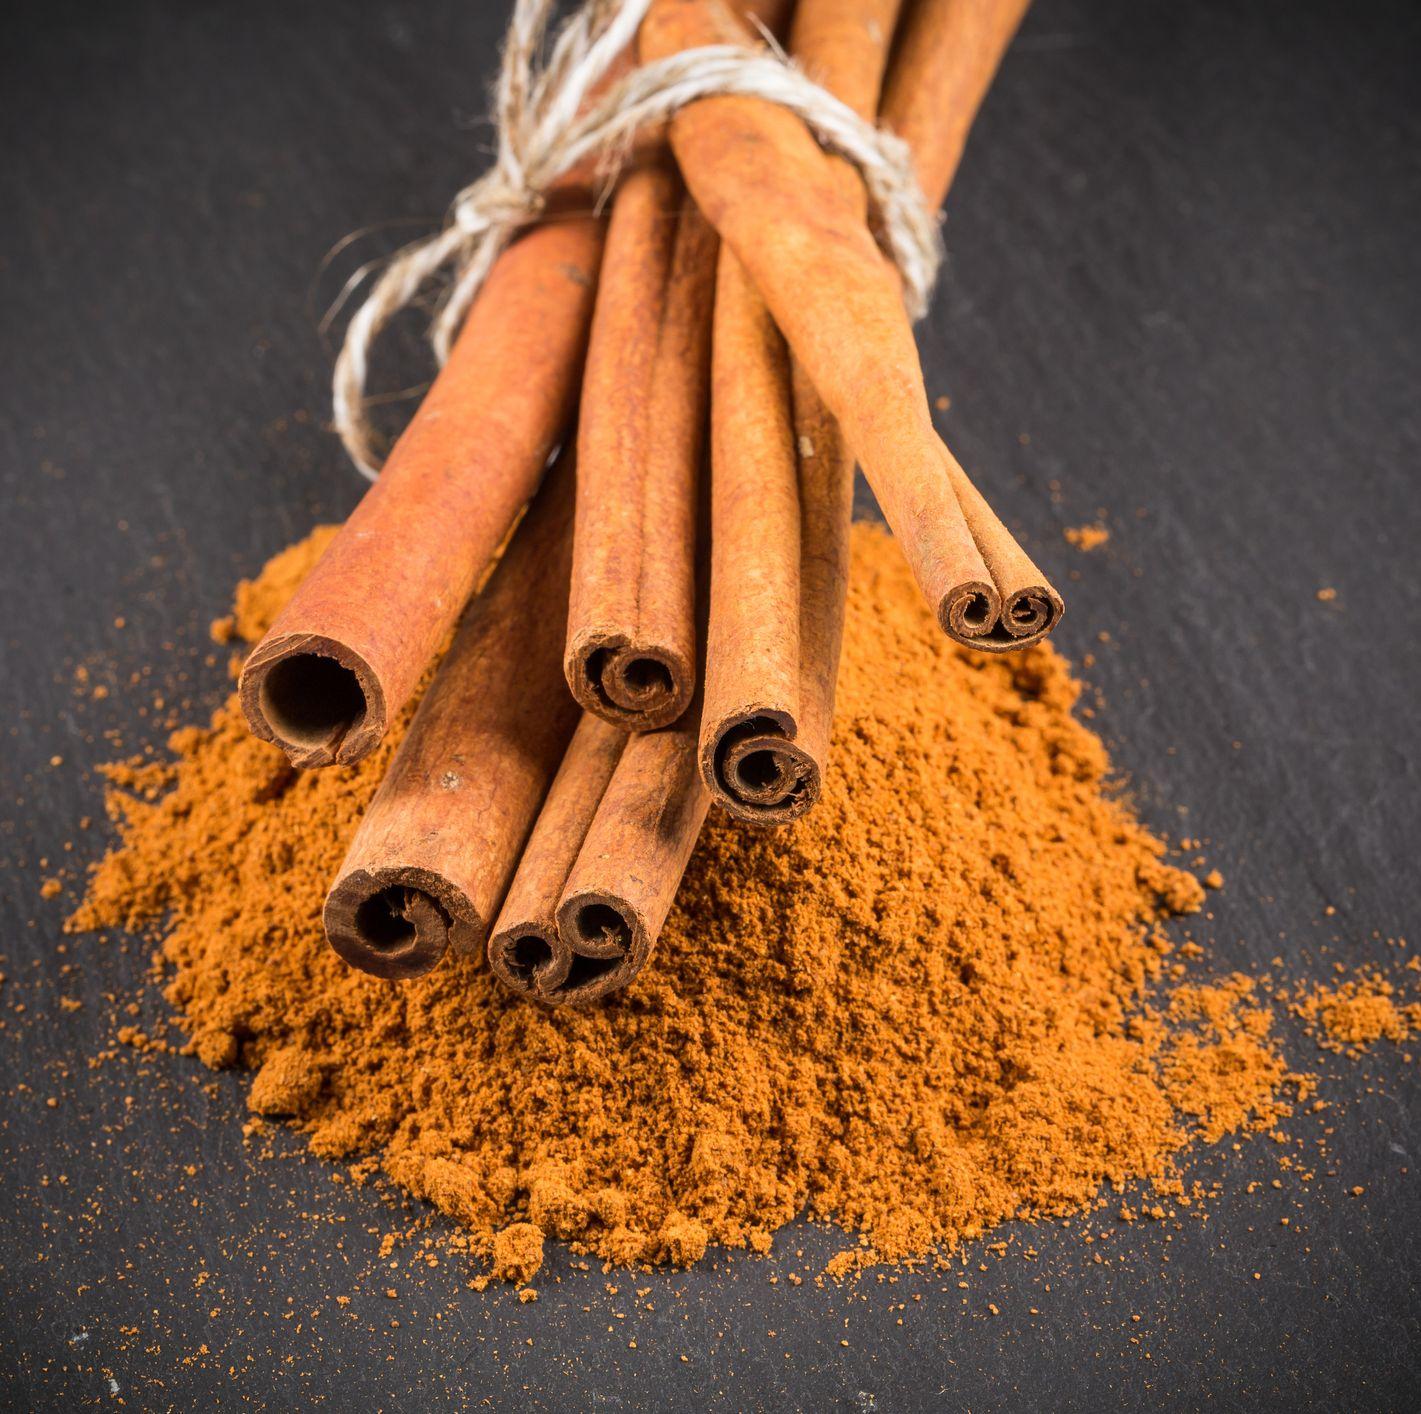 cinnamon sticks with powder on dark stone background